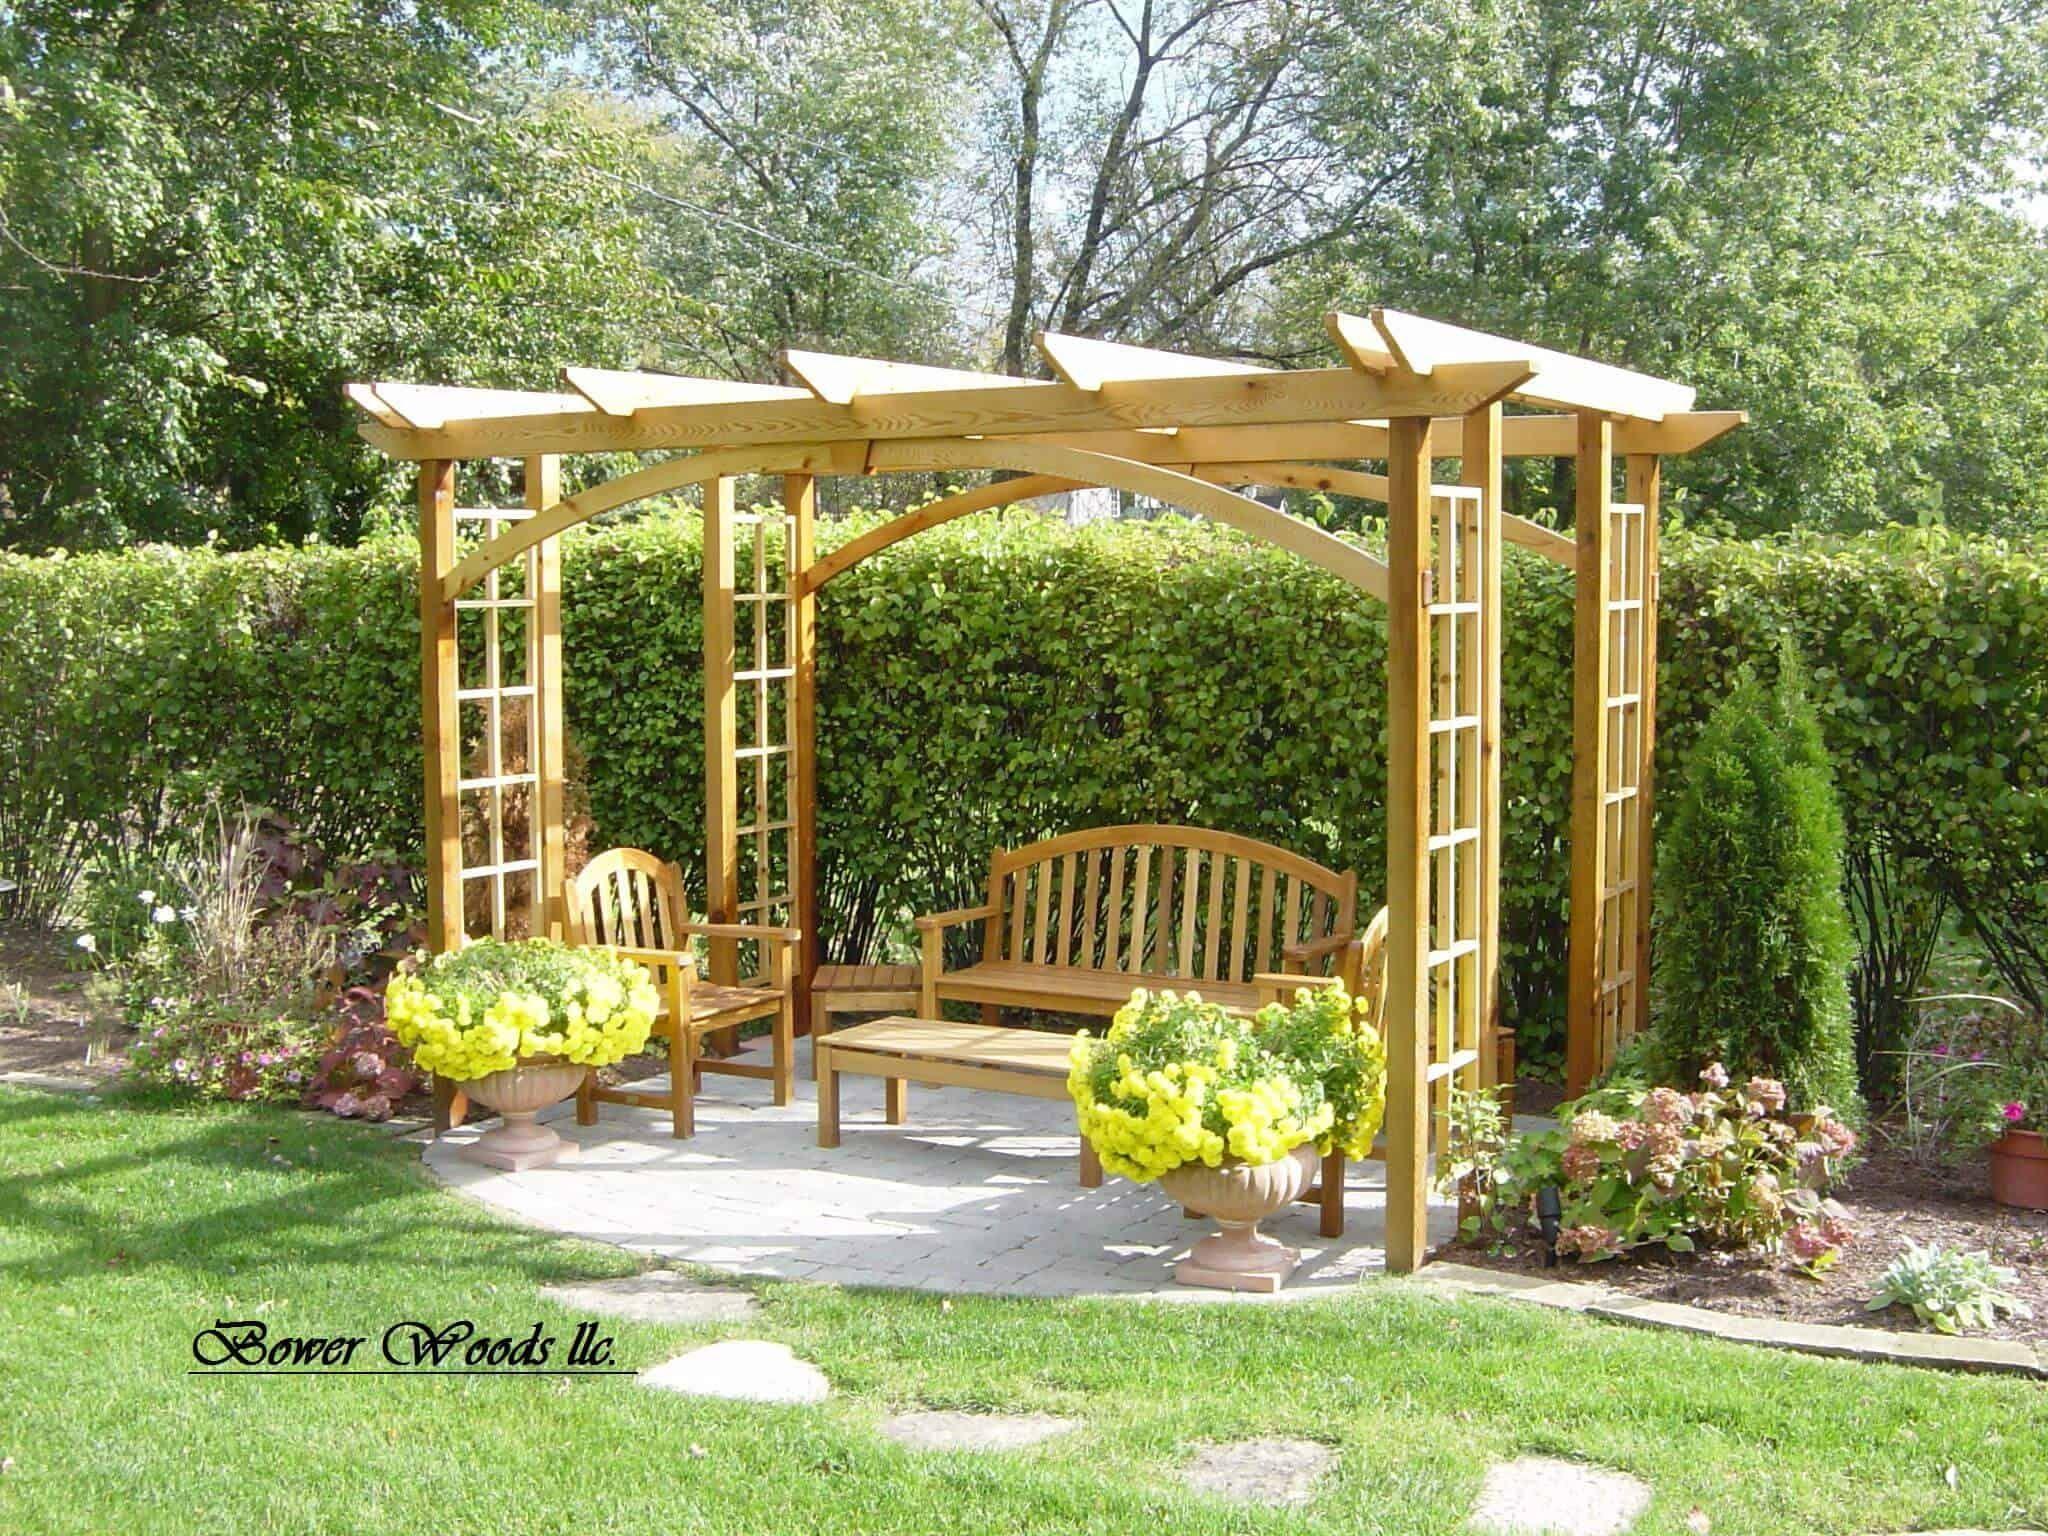 12 Awesome Ideas How to Build Unique Backyard Pergolas